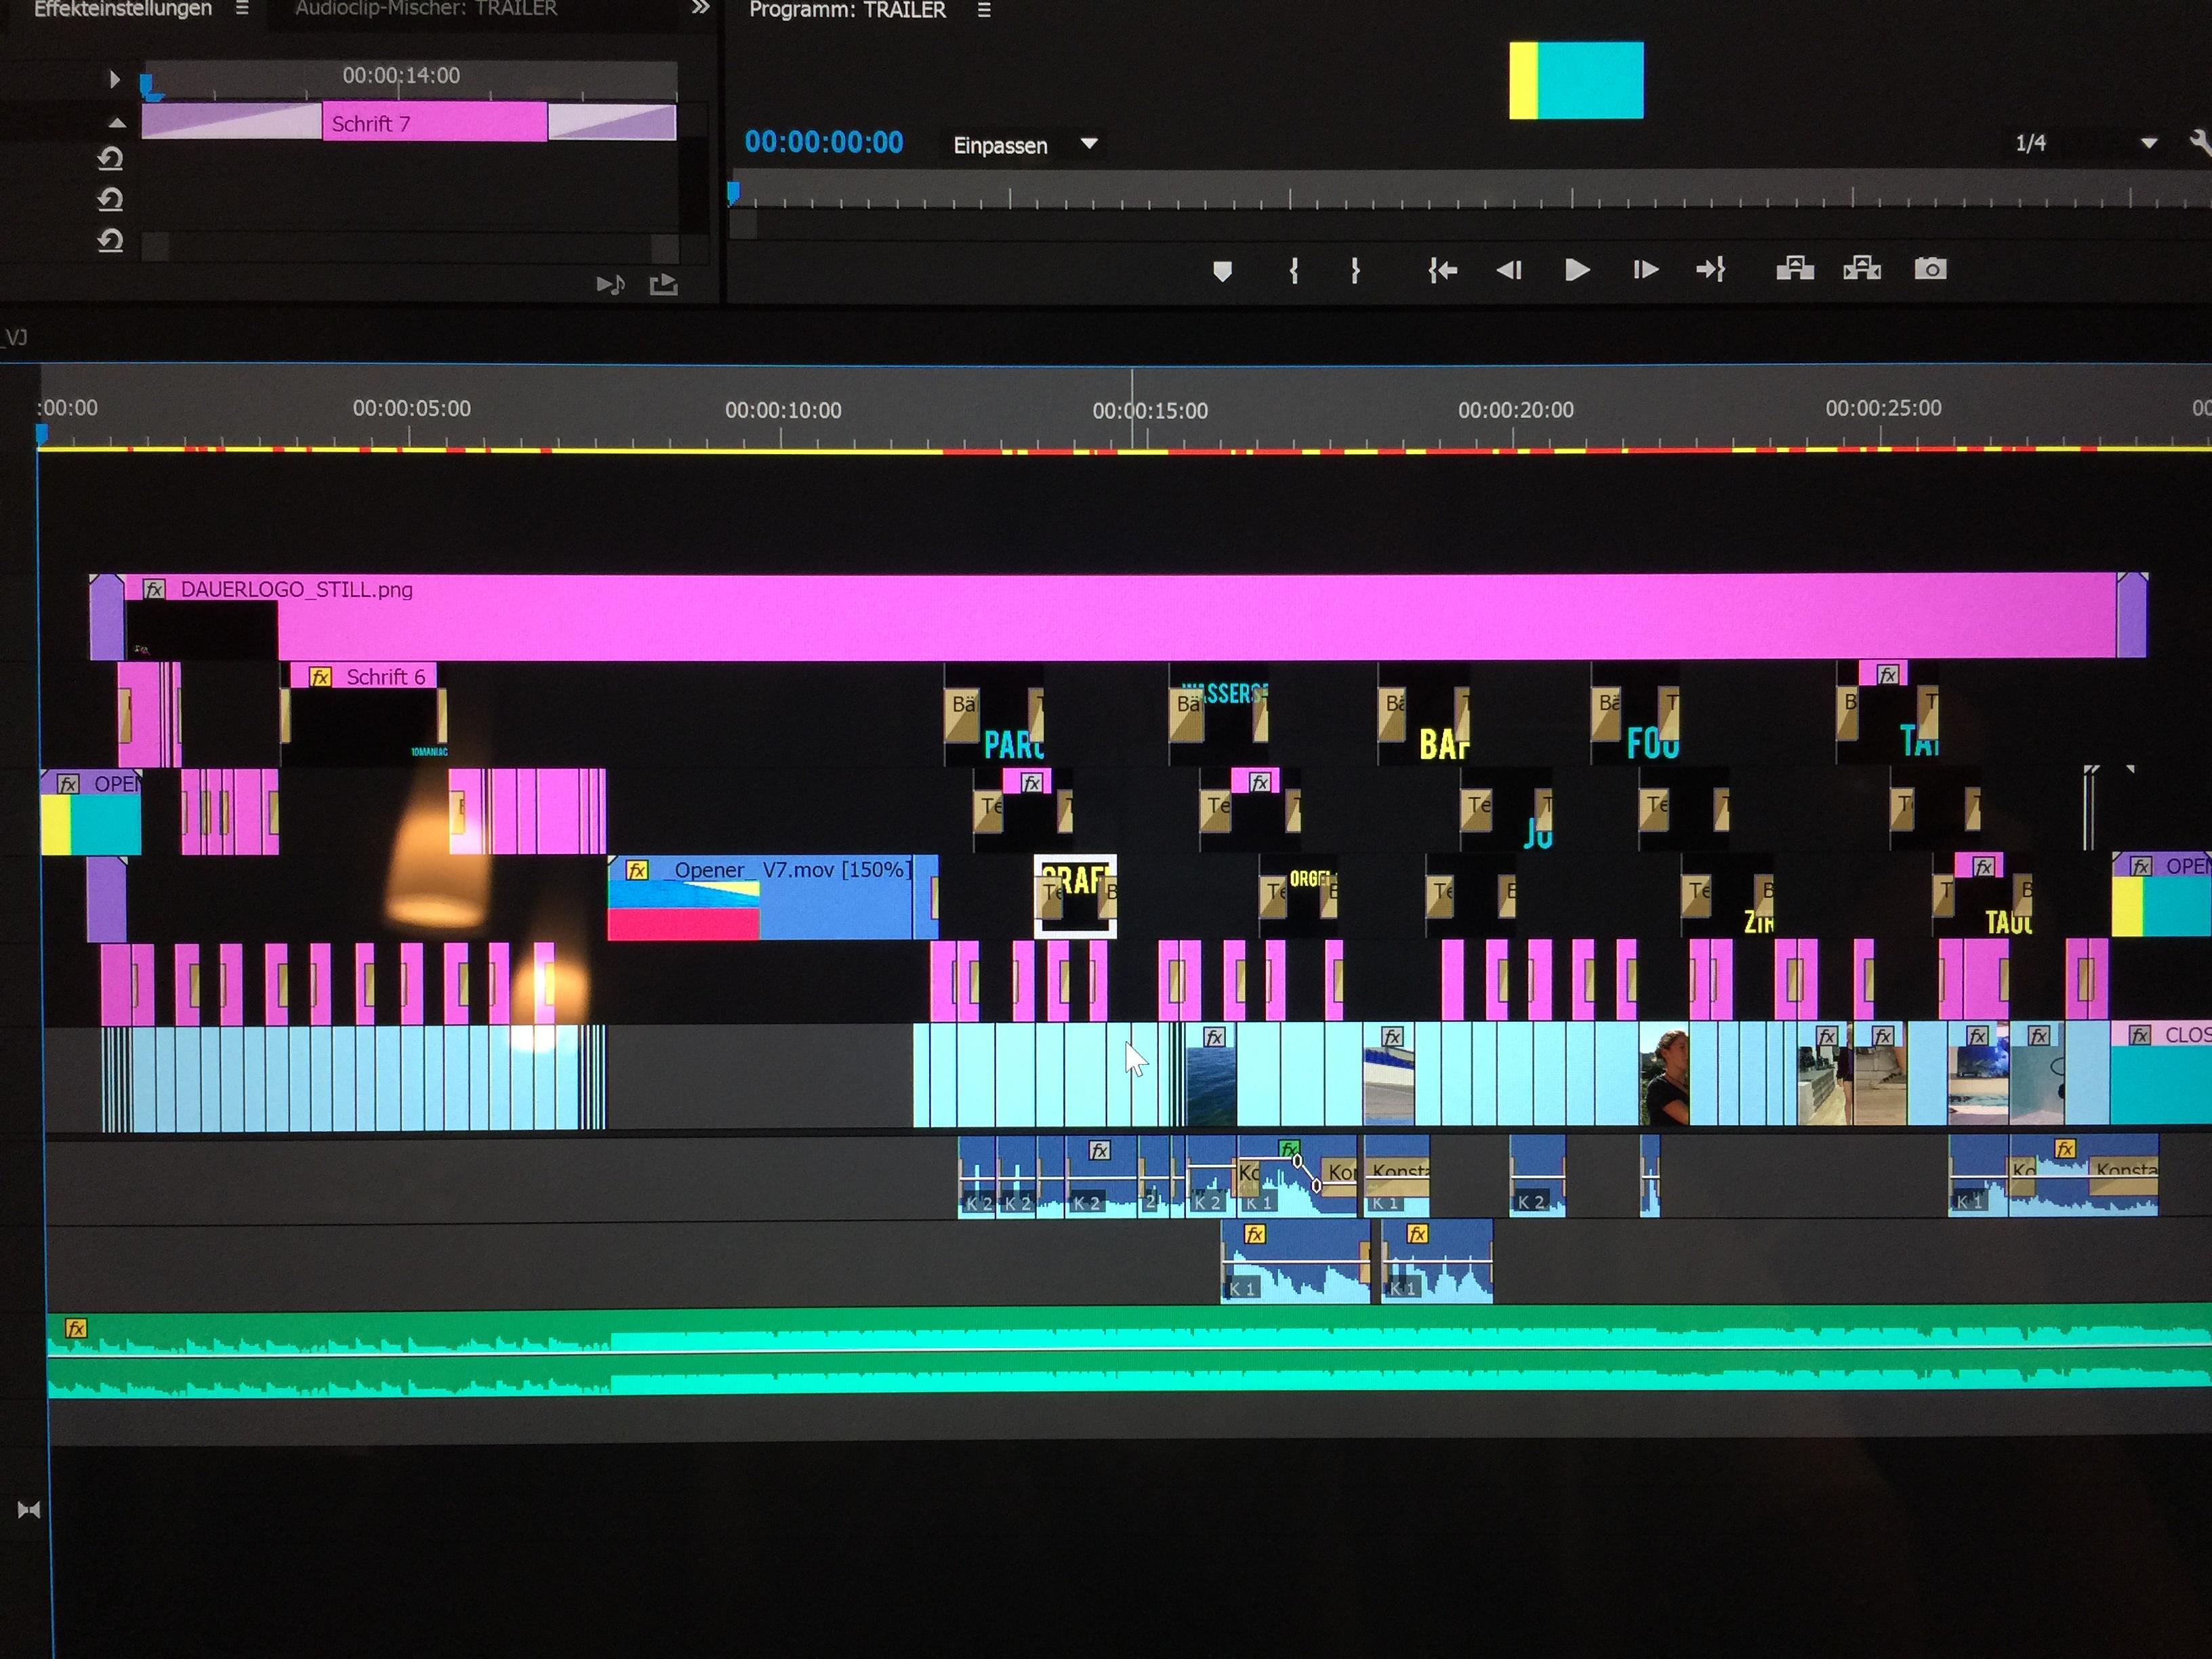 So schaut der Trailer im Schnittprogramm aus (Premiere Pro) ;-)